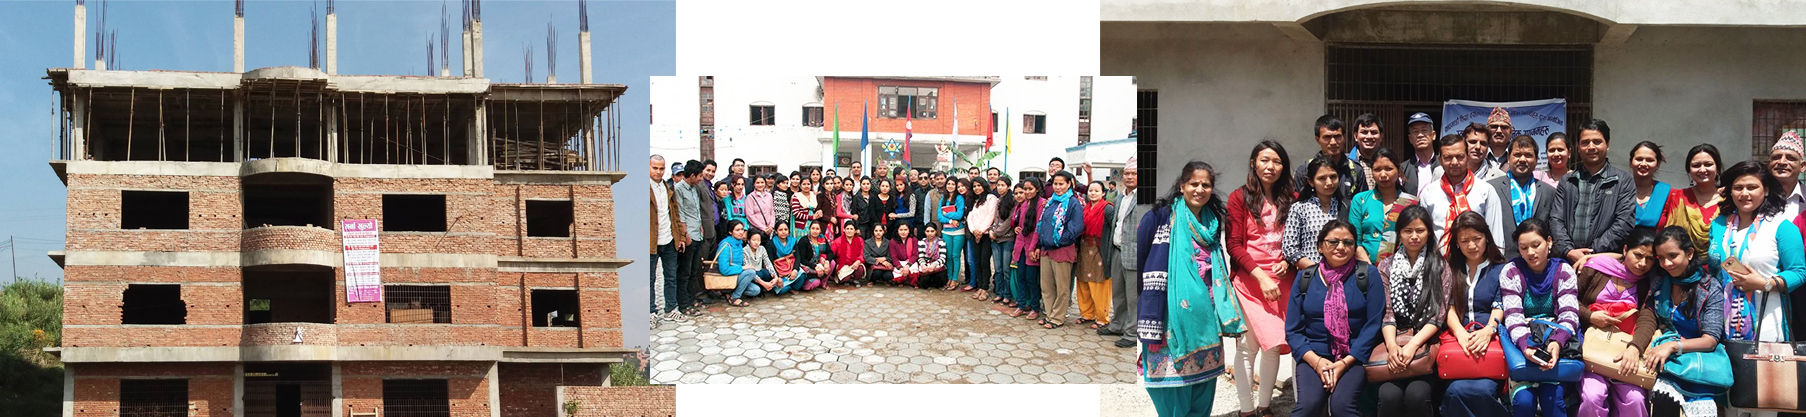 Kathmandu Shiksha (Education) Campus